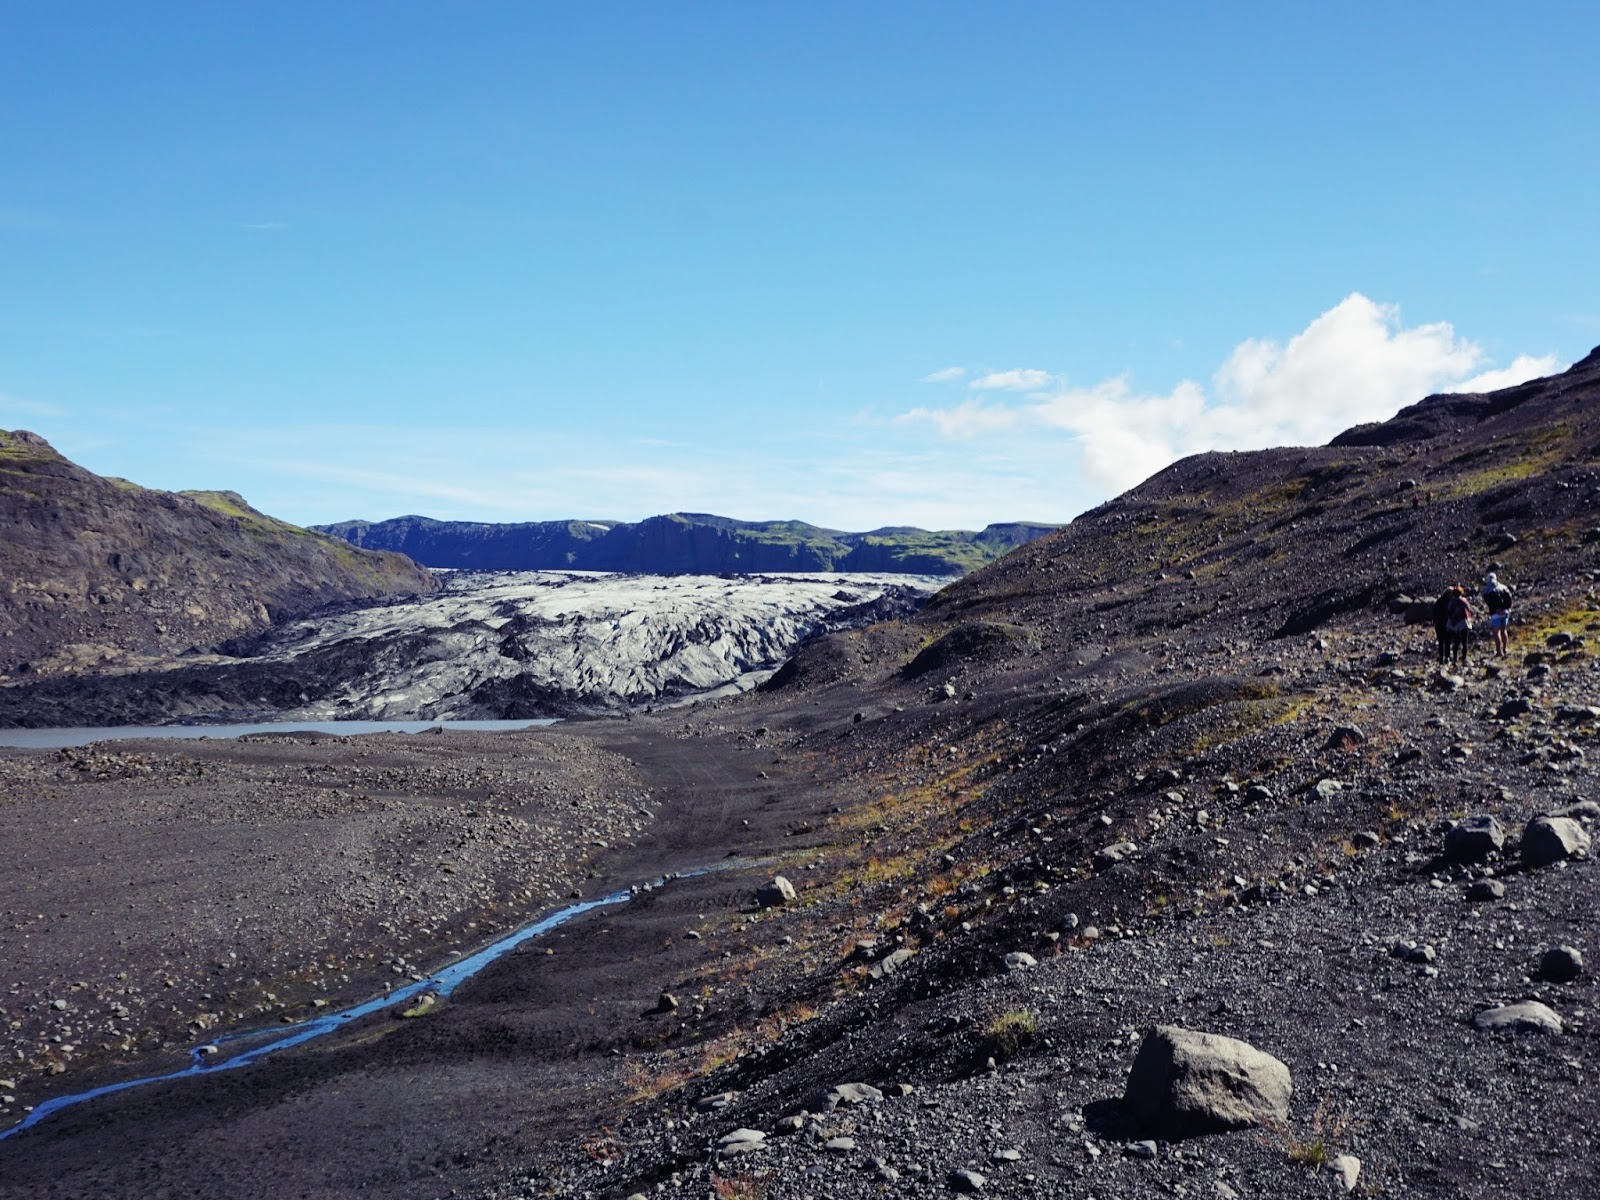 Lodowiec Solheimajokull, lodowiec, islandzki lodowiec, myrdalsjokull, islnandia, południowa islandia